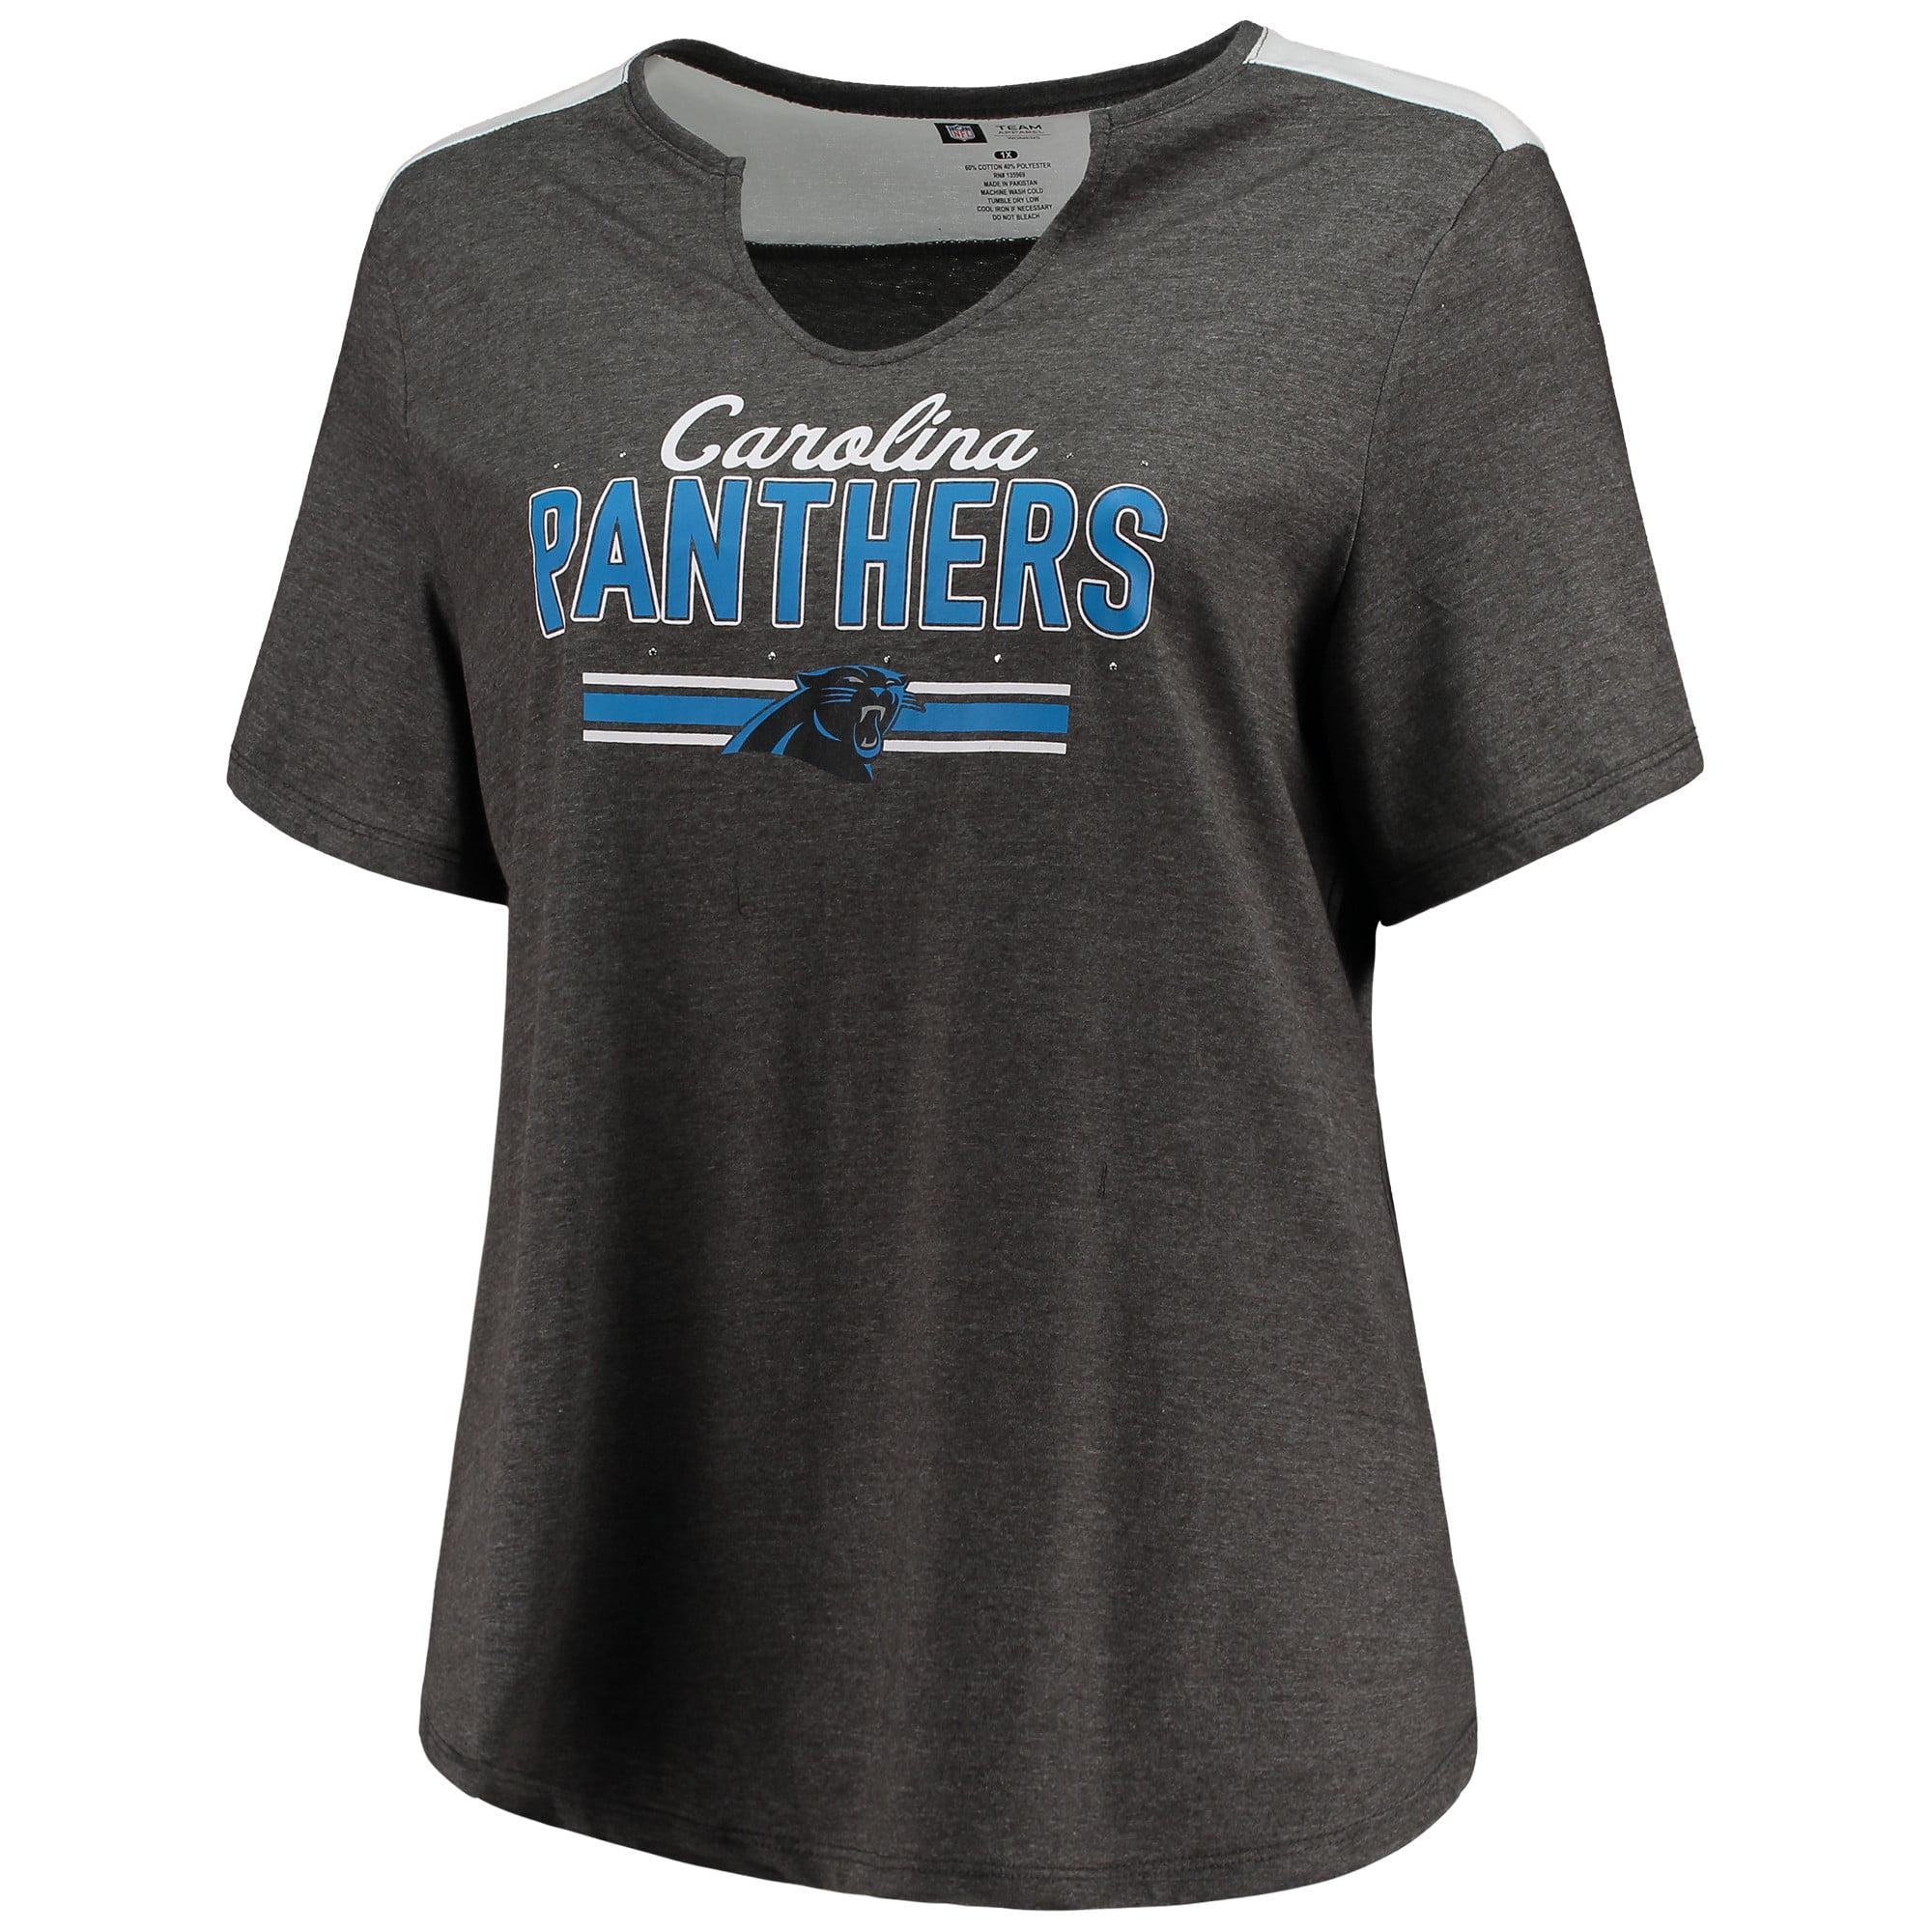 Women's Majestic Heathered Charcoal Carolina Panthers Notch Neck Plus Size T-Shirt